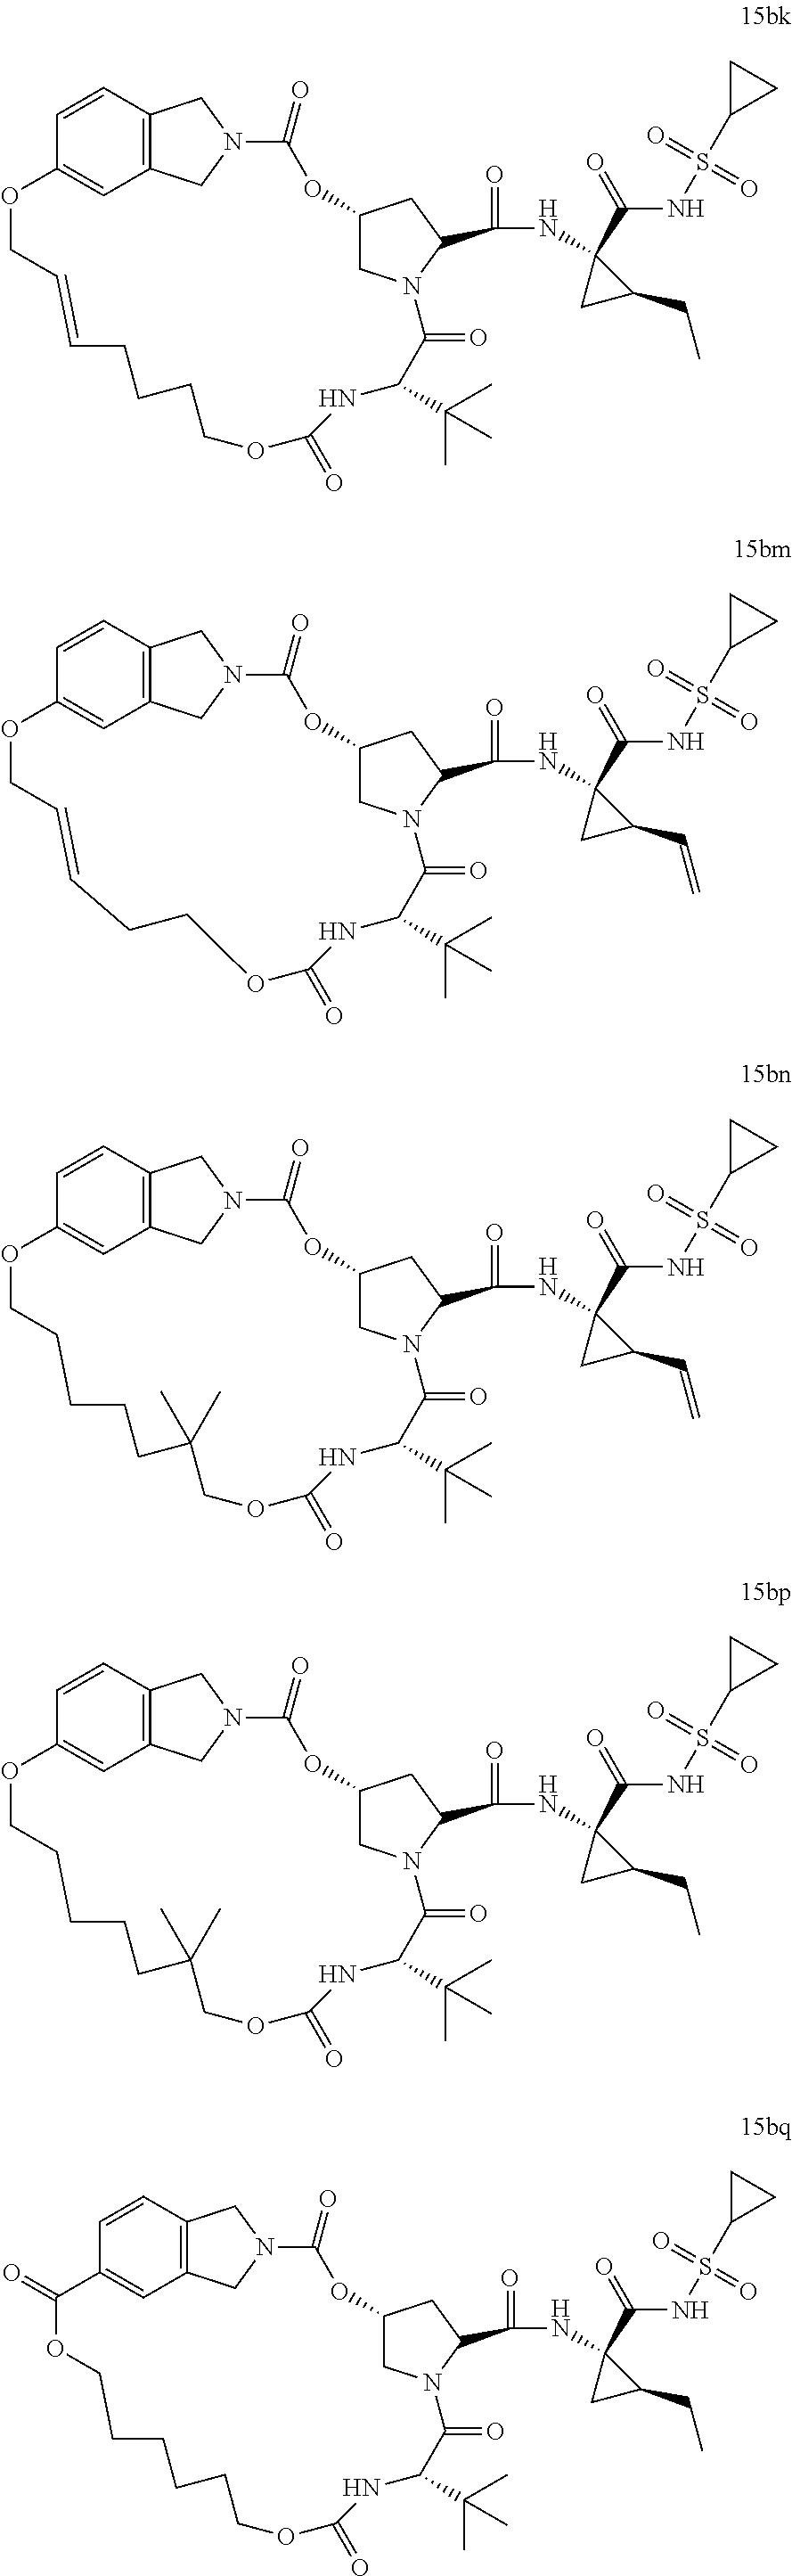 Figure US08962810-20150224-C00020